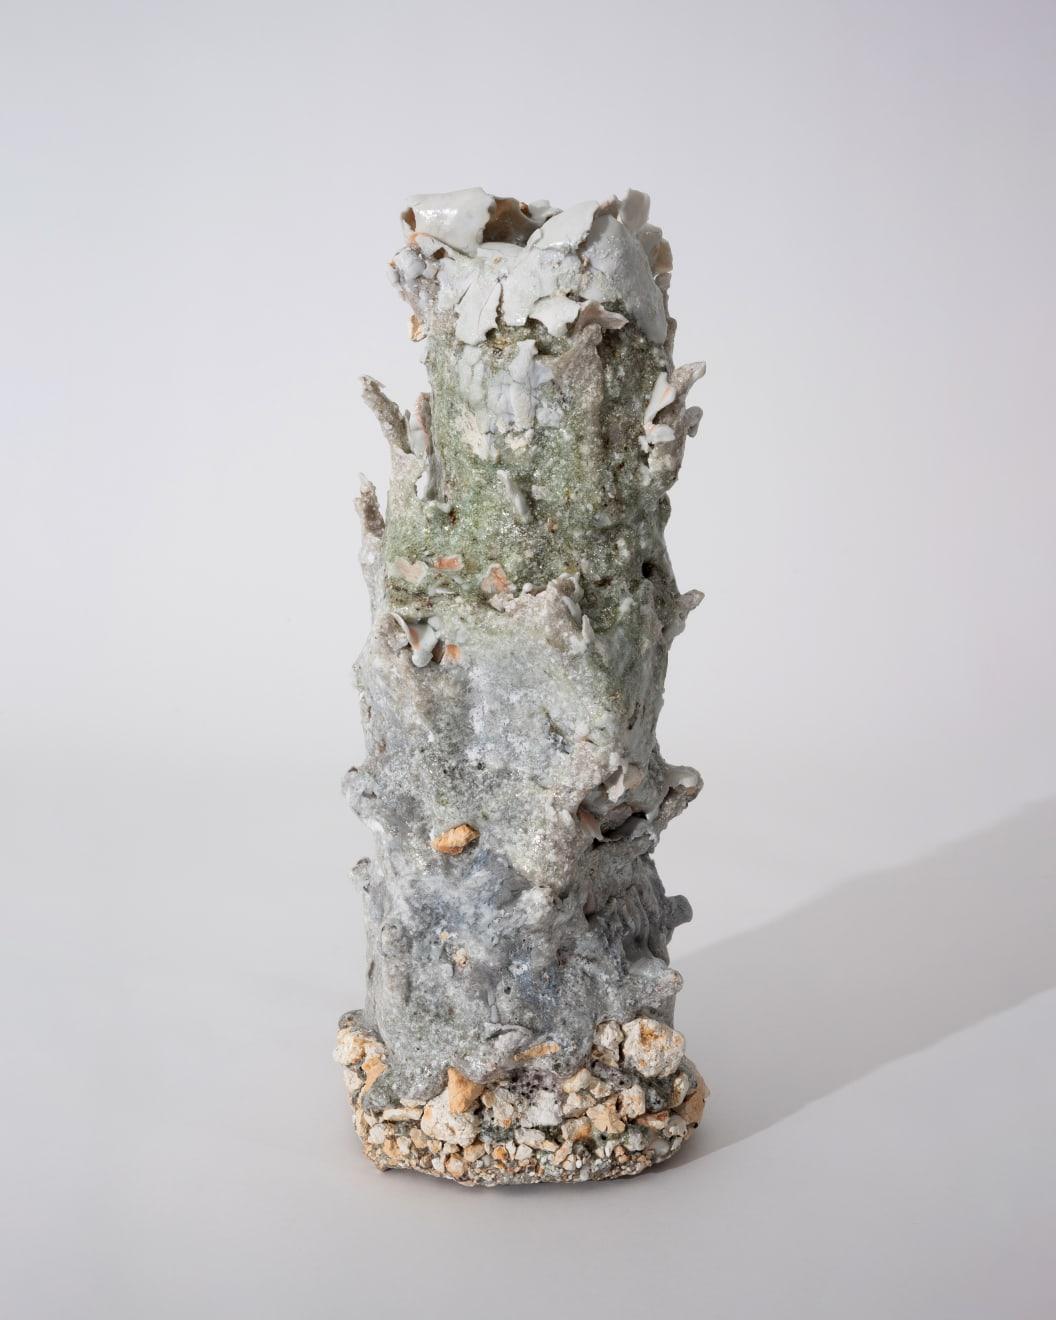 Masaomi Yasunaga, 樹の抜け殻 / bark of a tree, 2019